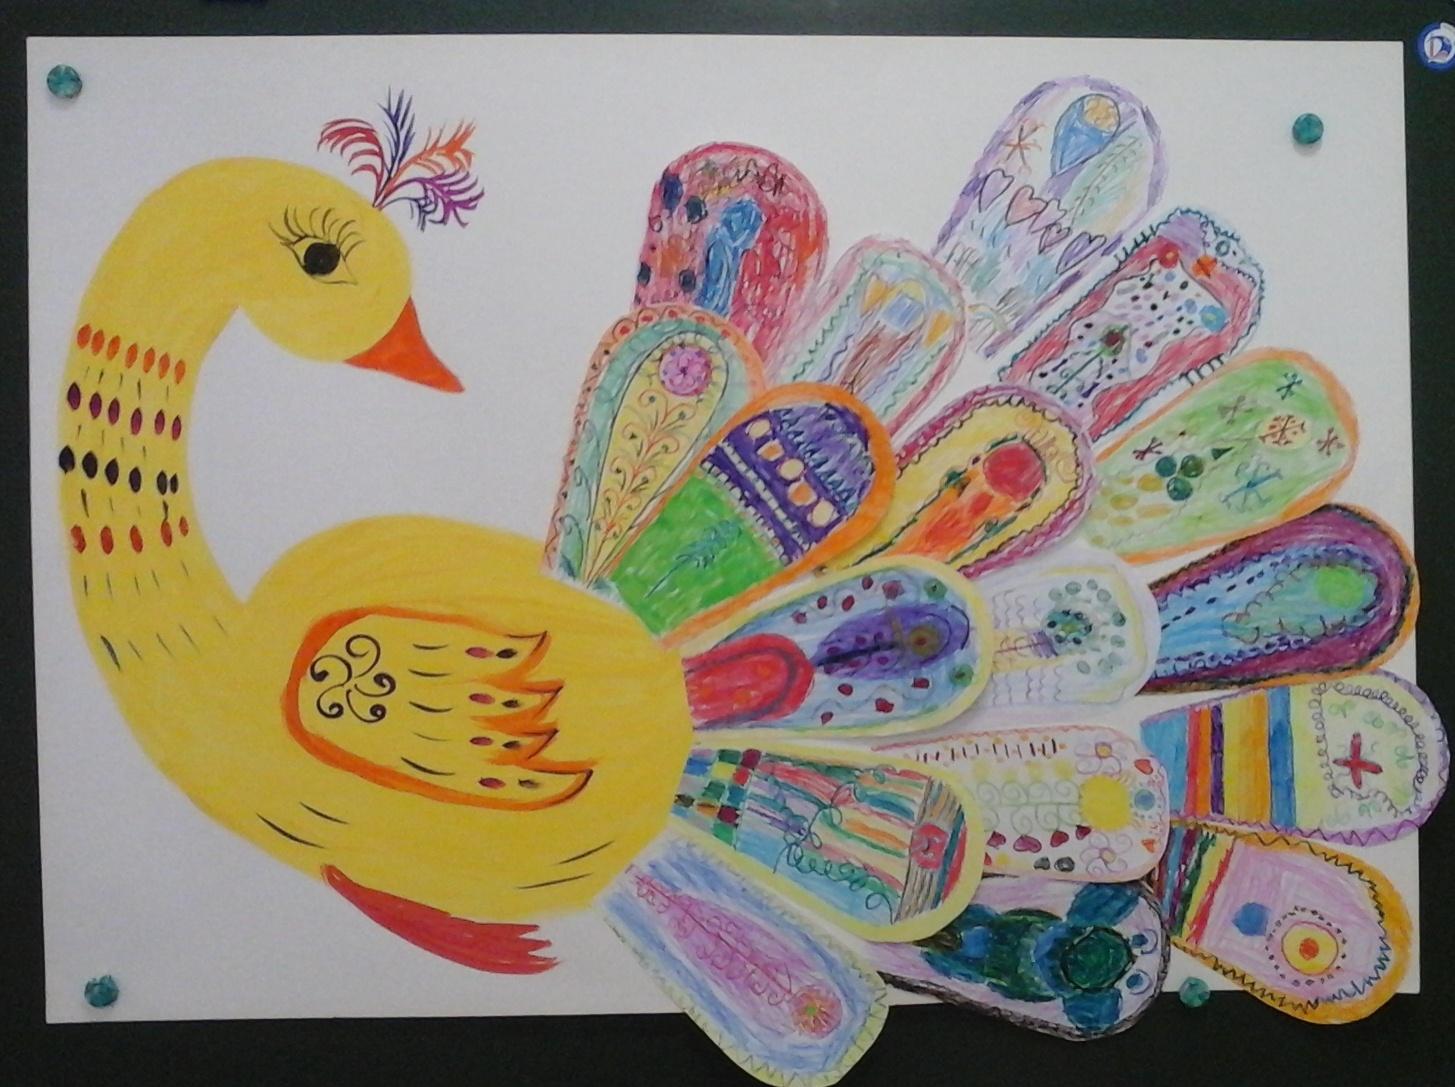 Аппликация в старшей группе на тему «Птицы»: специфика проведения и интересные варианты занятий